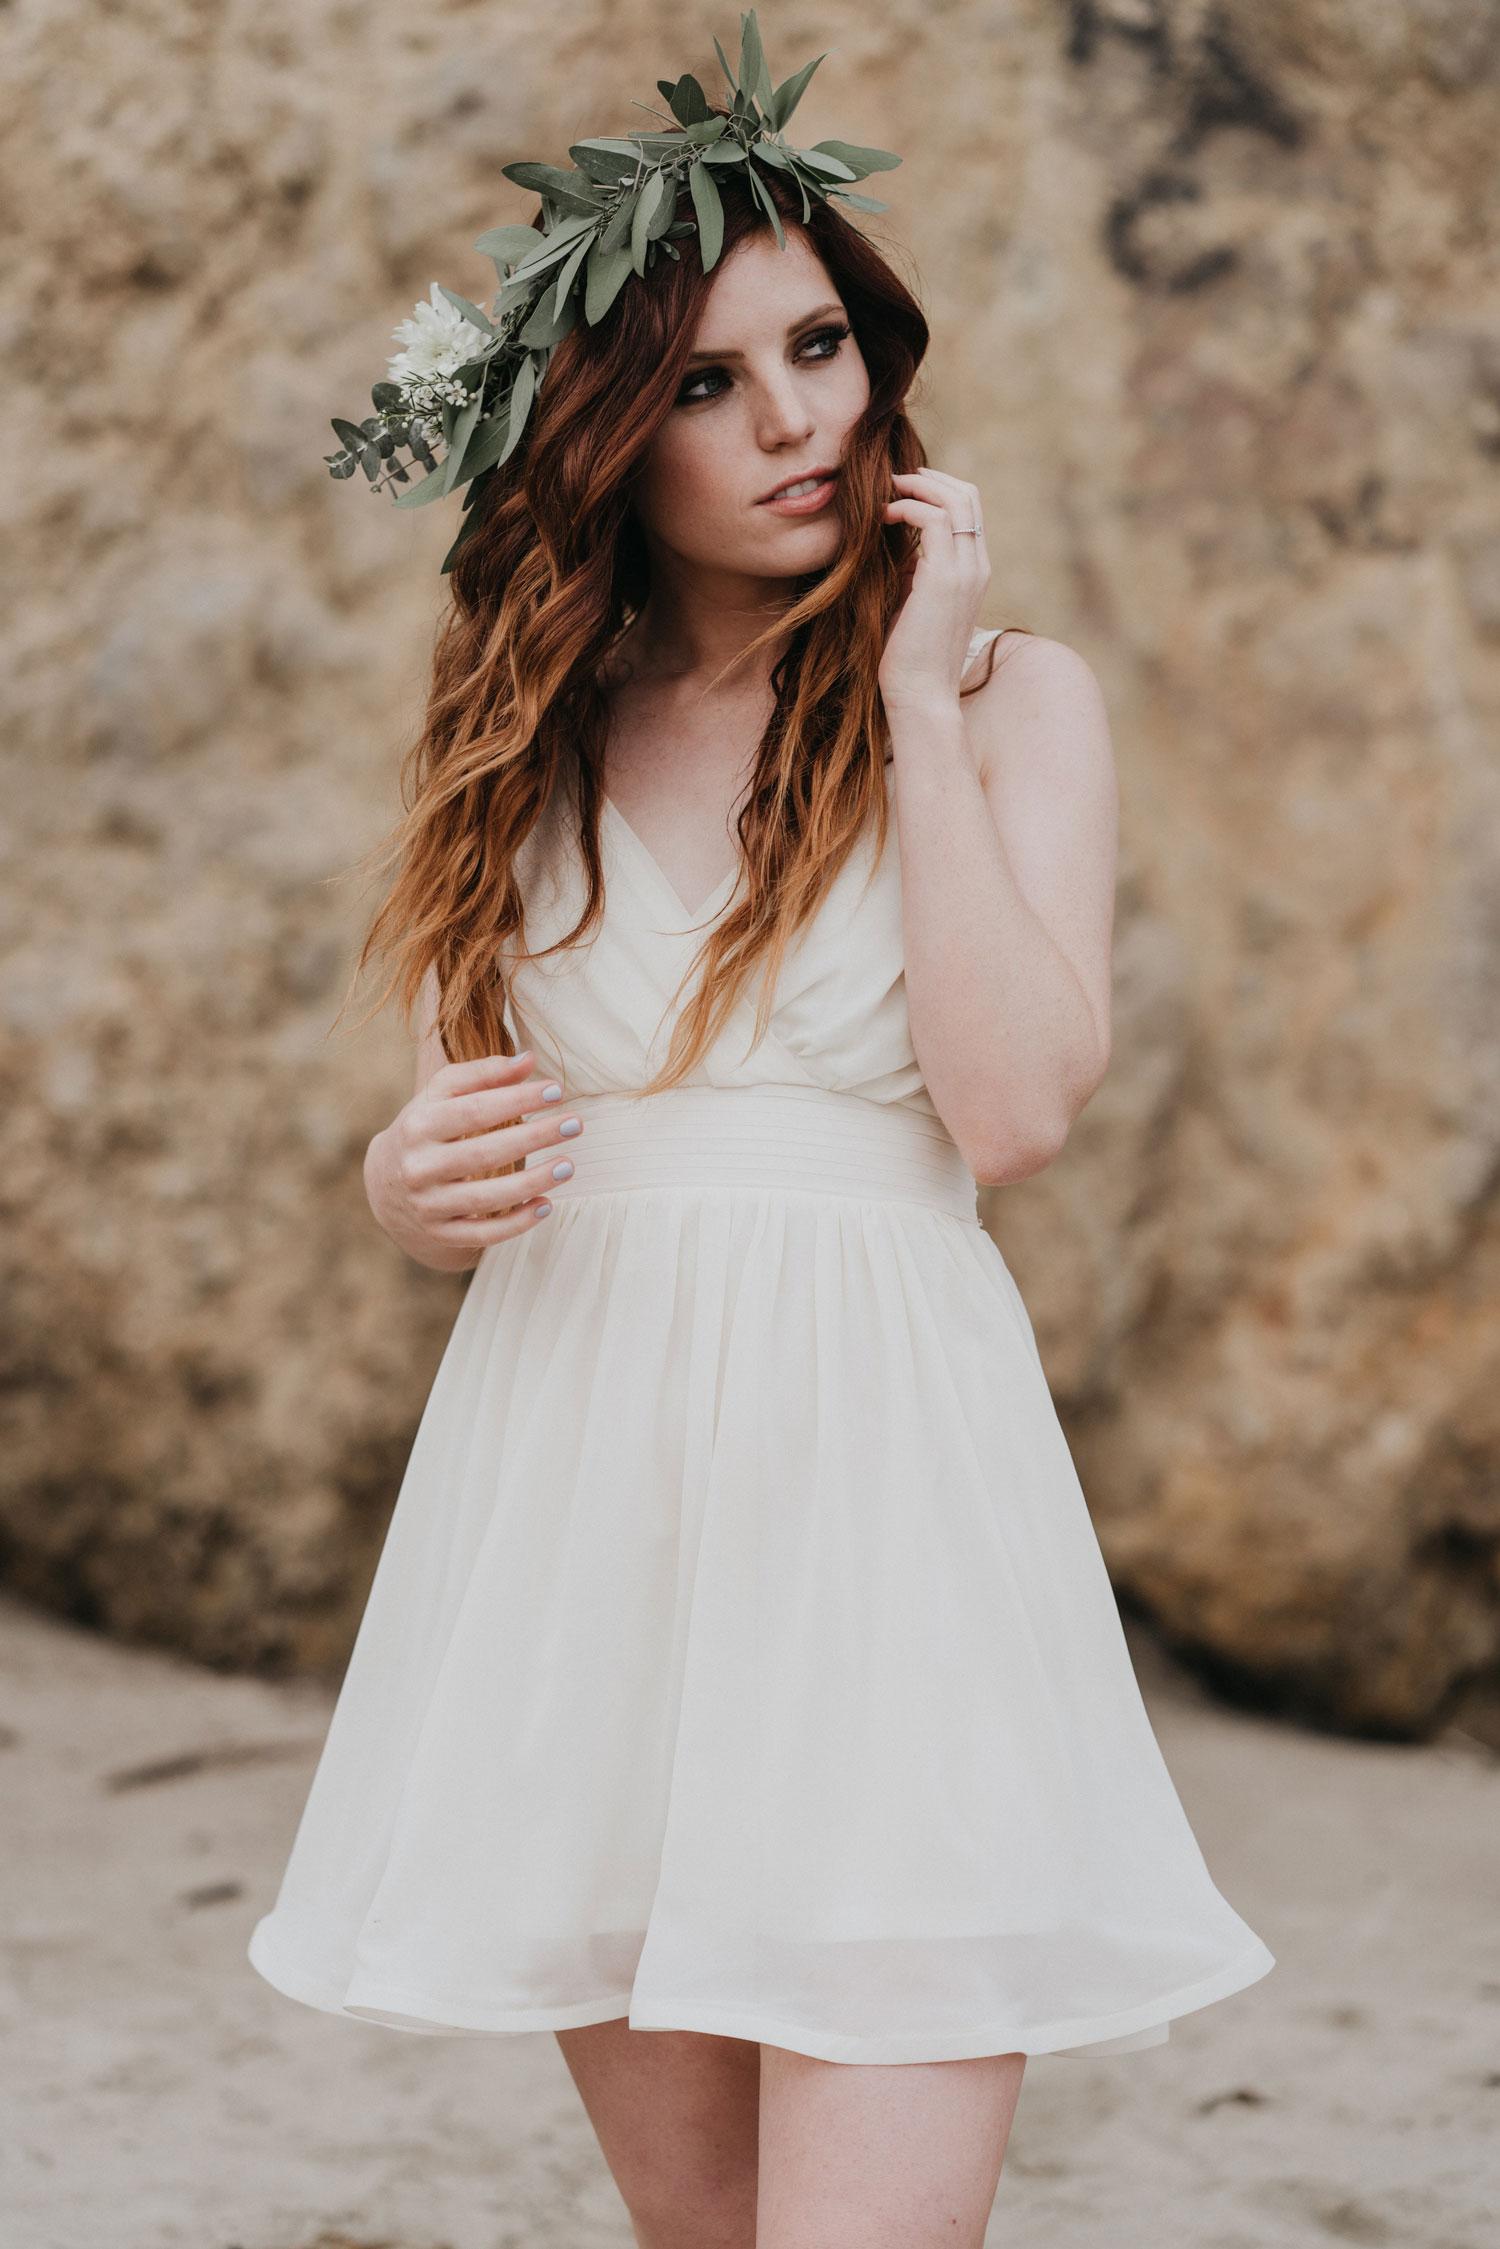 Echosmith Sydney Sierota white dress flower crown for engagement shoot on beach